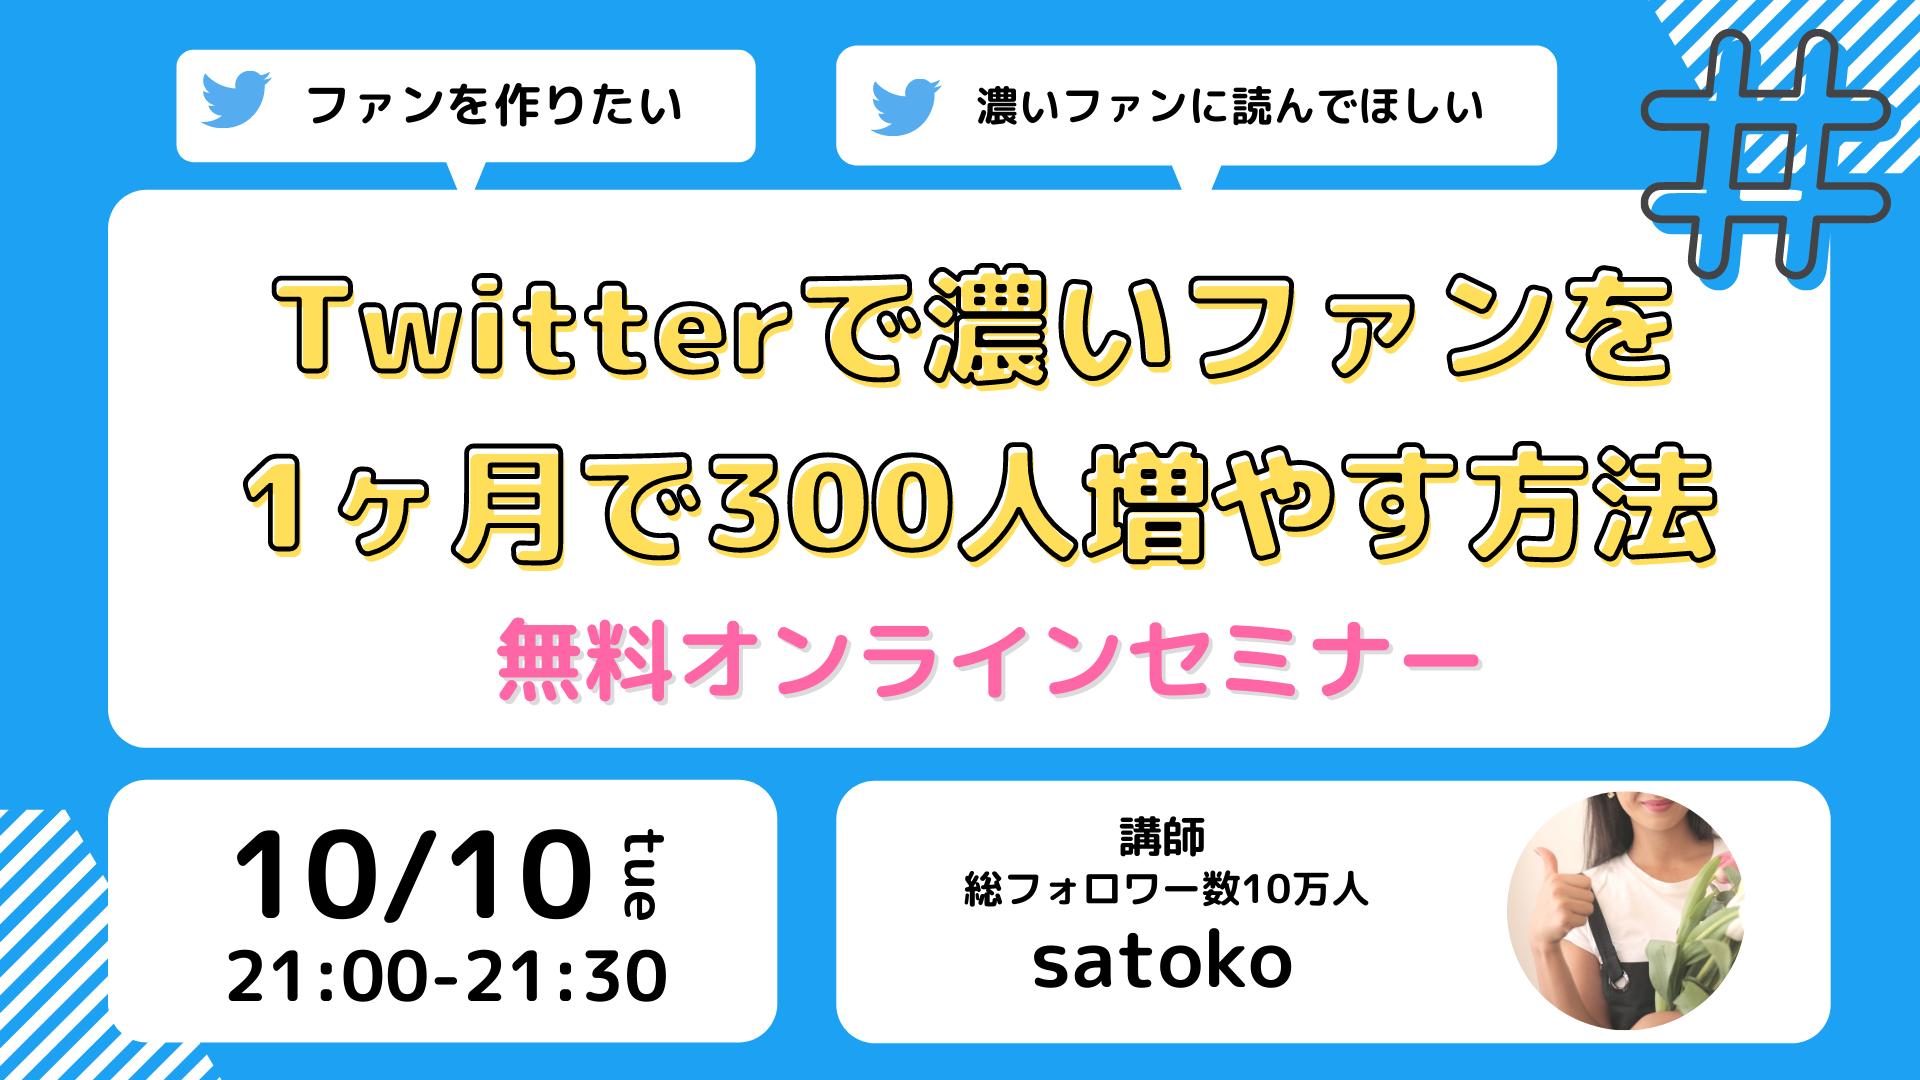 sc-twitter-1